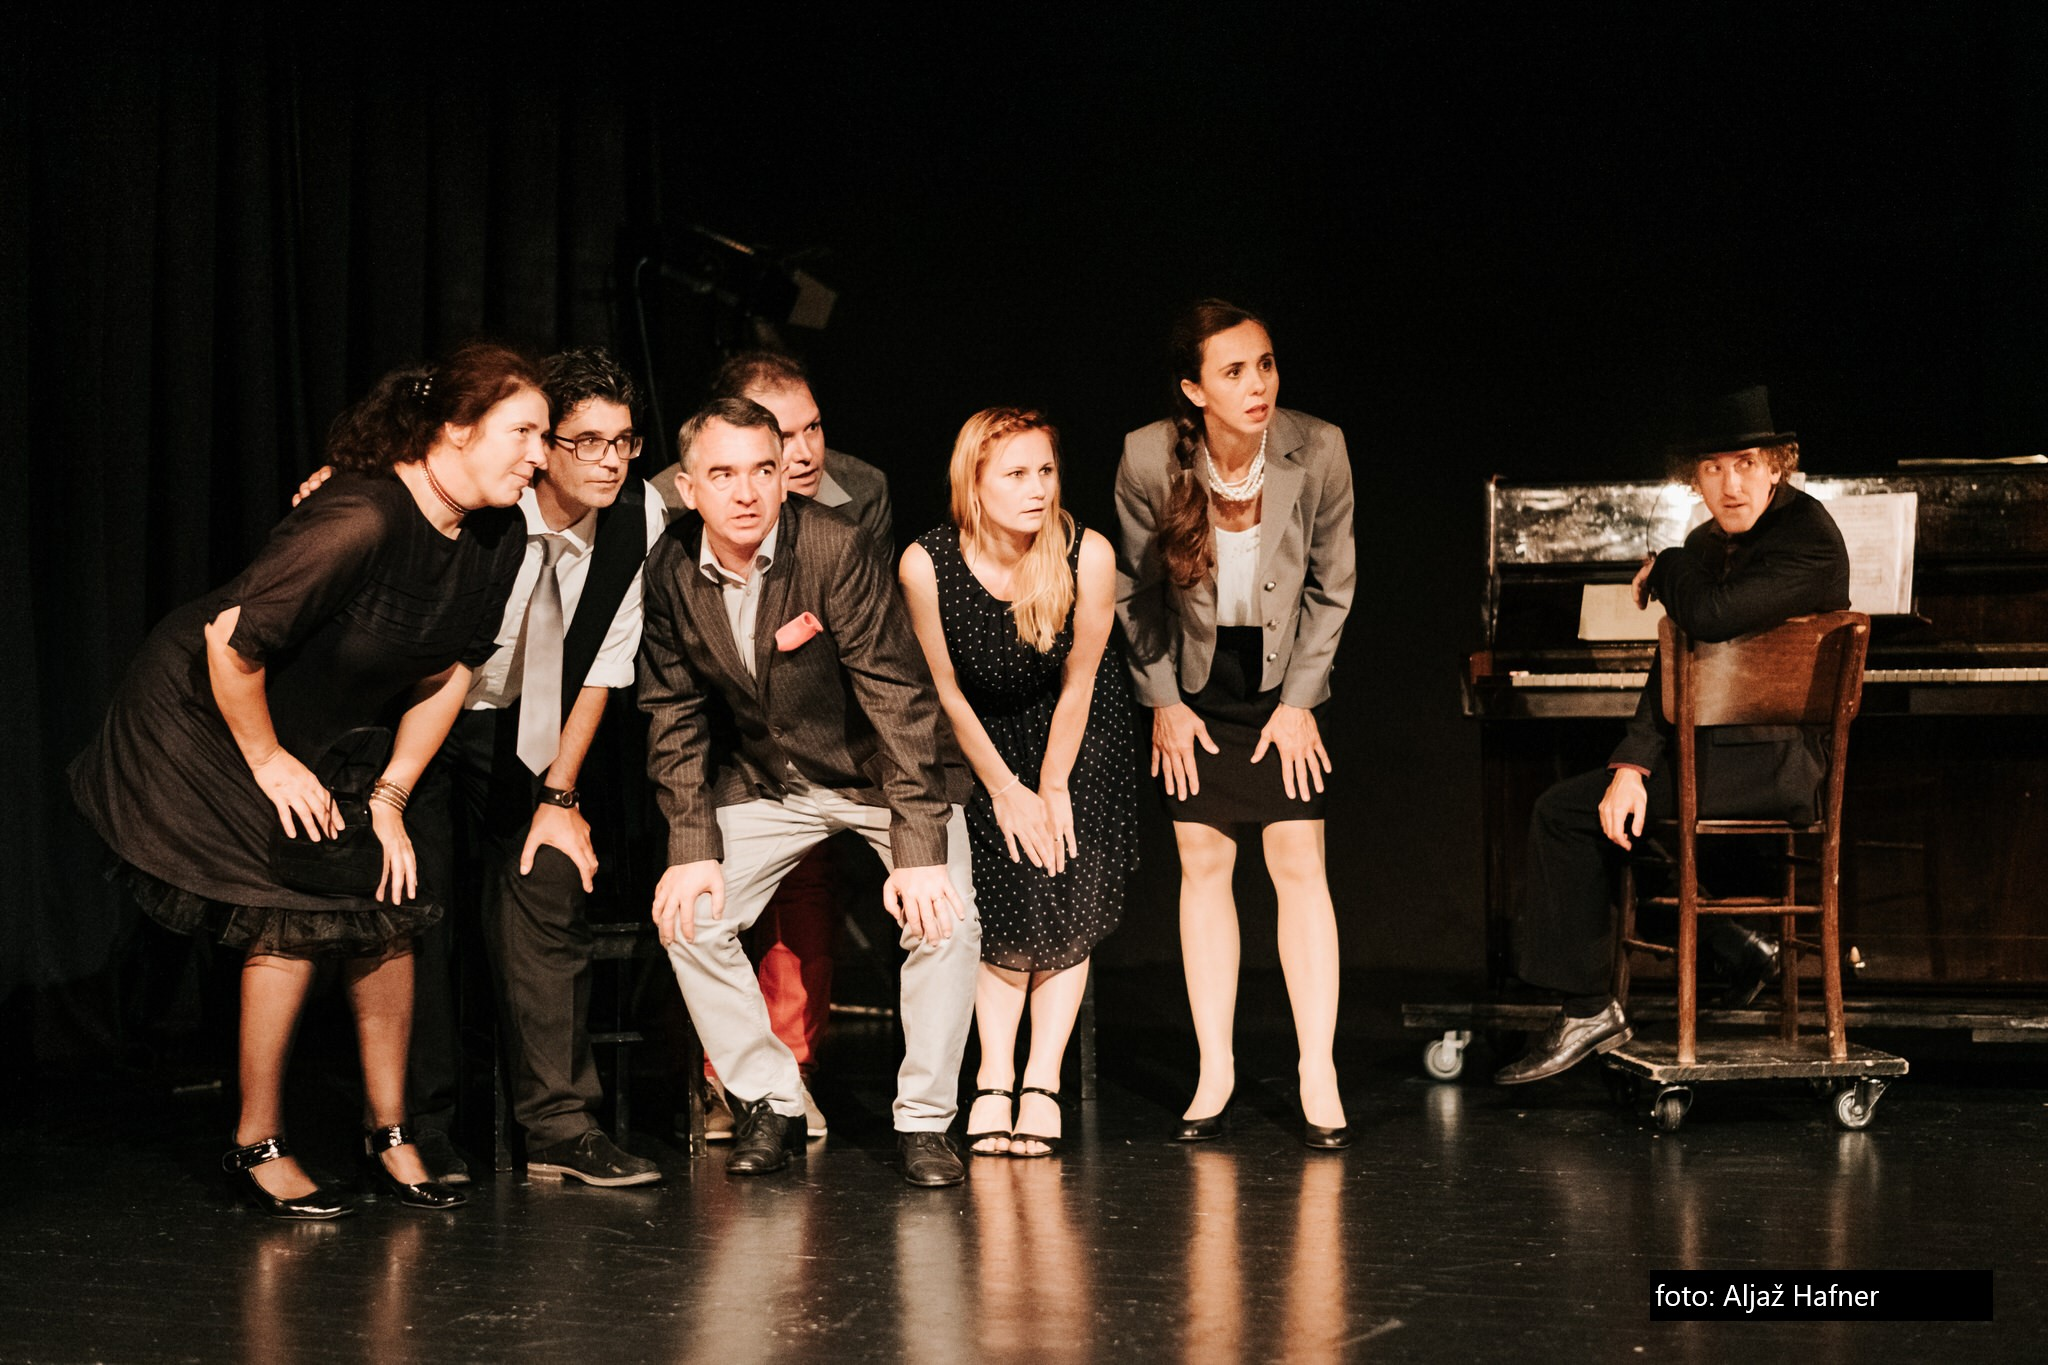 Slika s predstave (foto Aljaž Hafner)